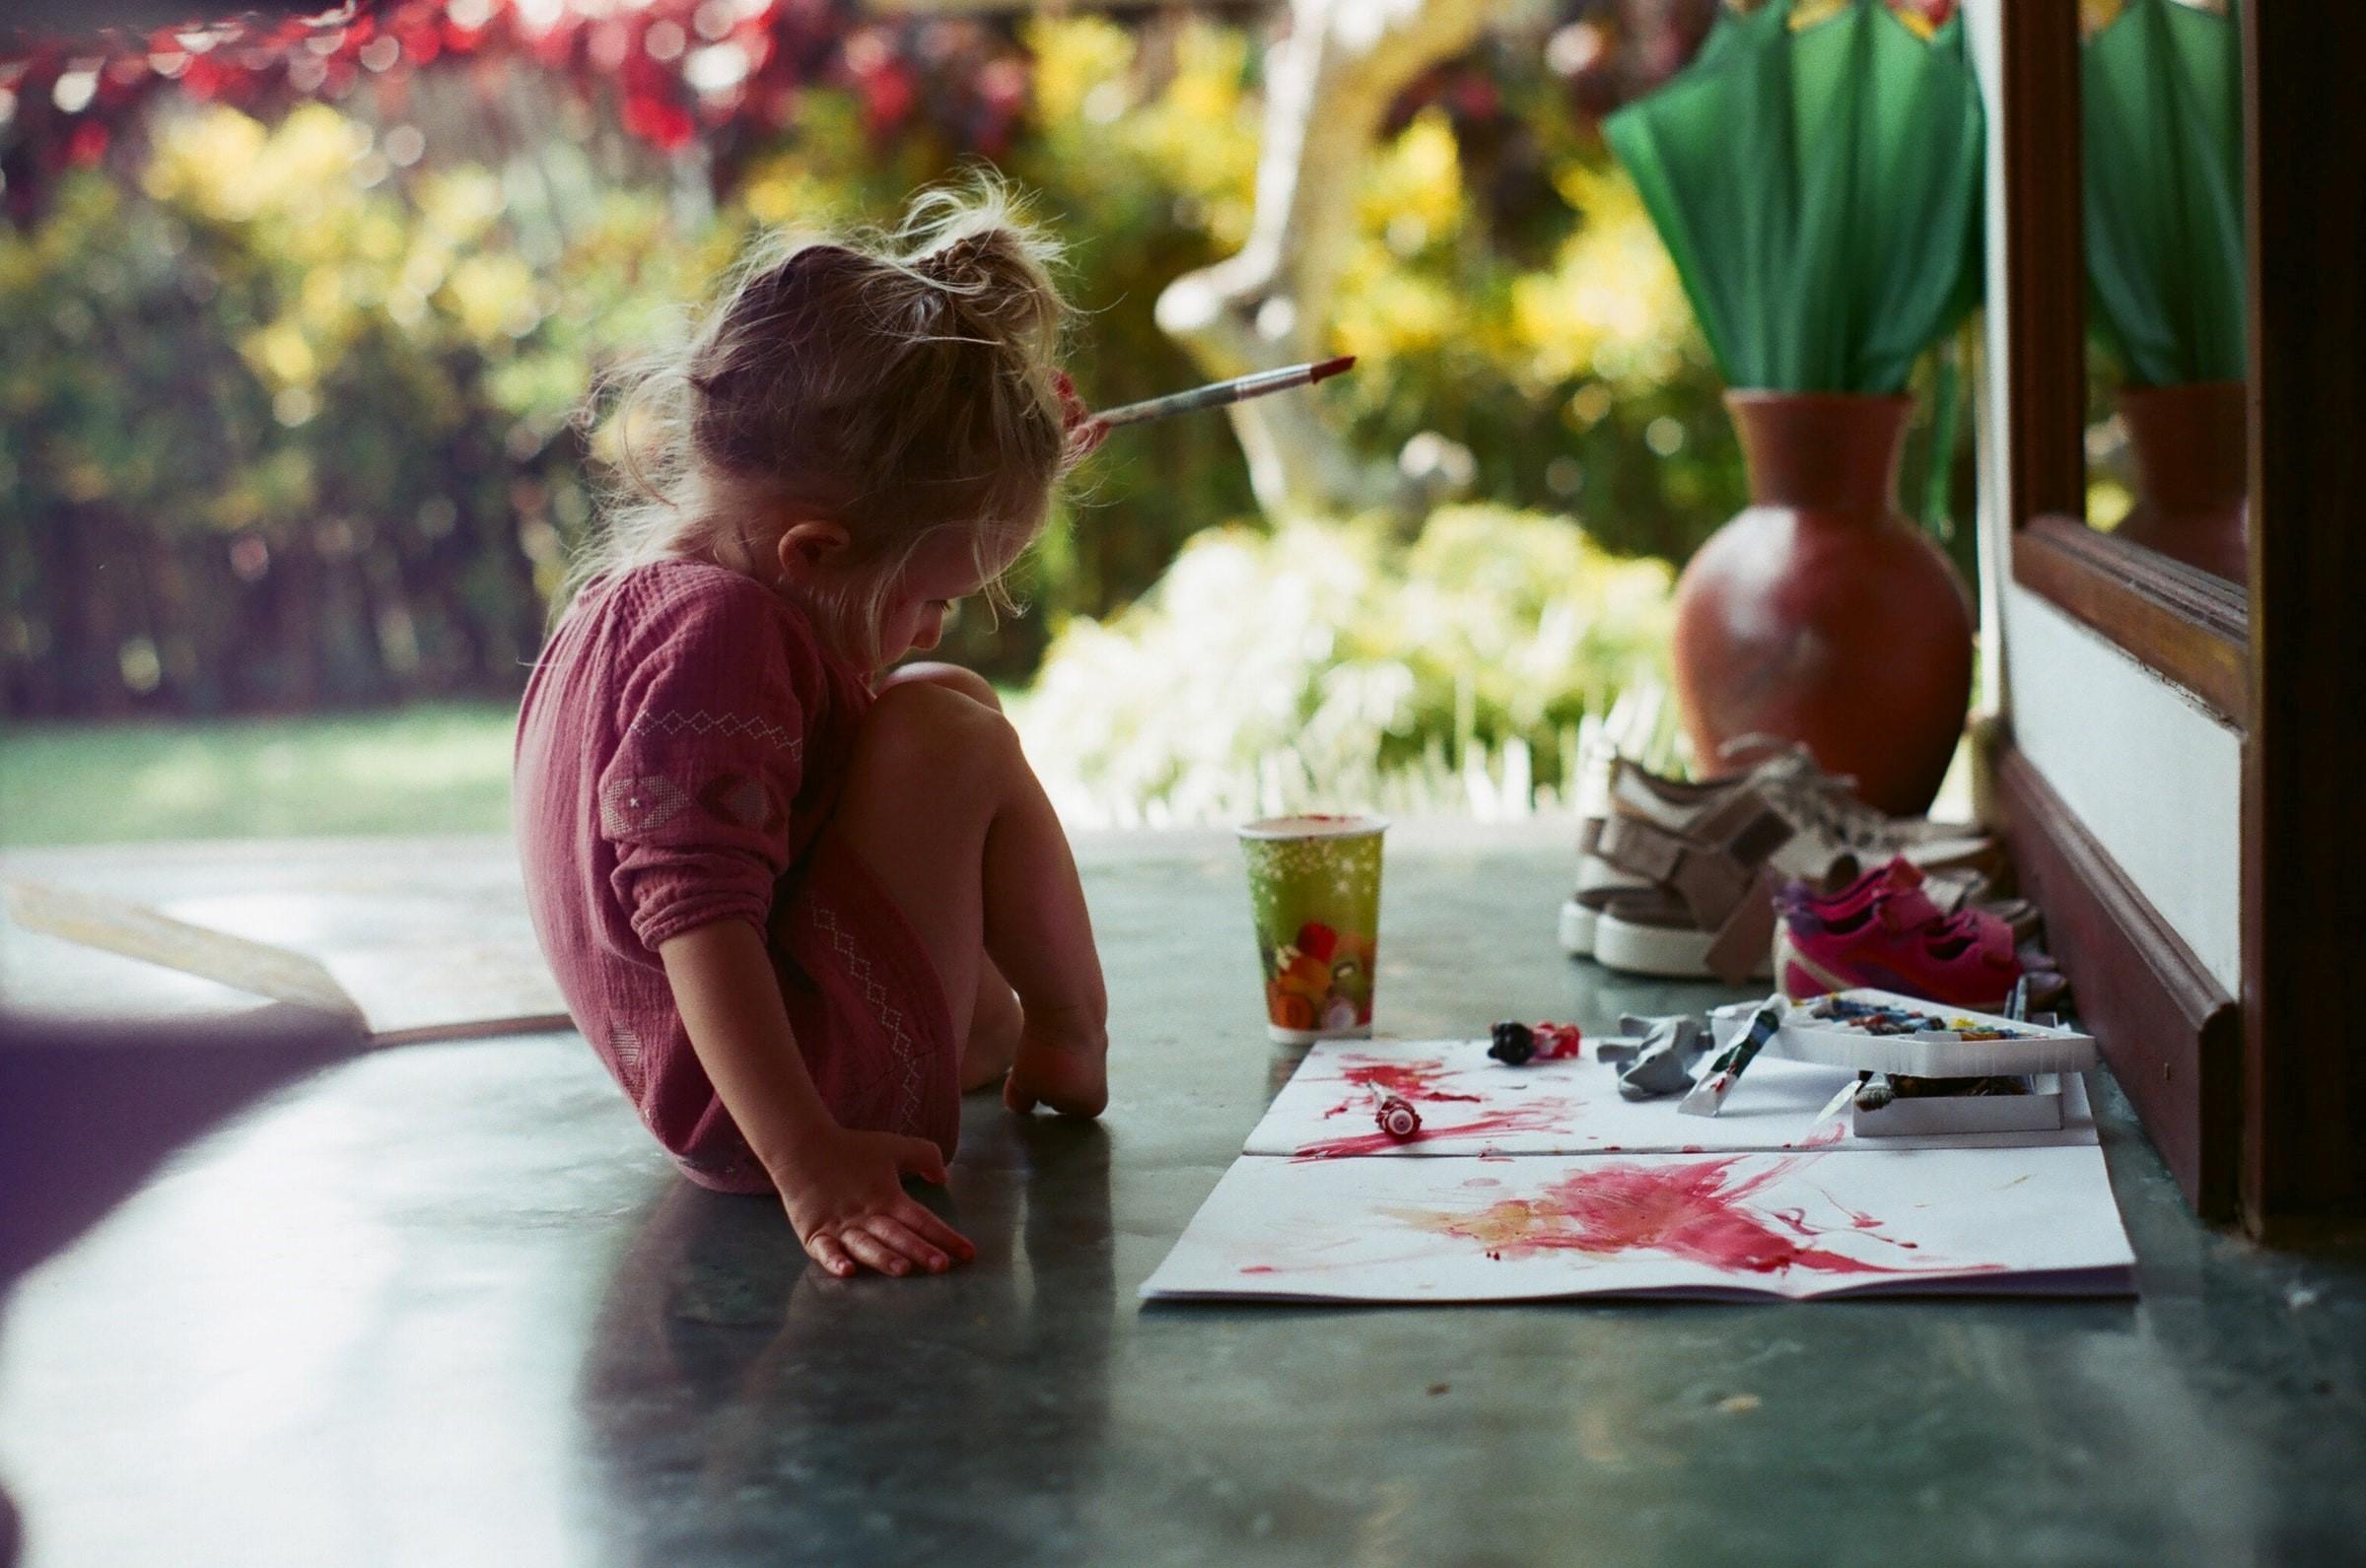 En liten unge som håller på med lämpligt pyssel för barn